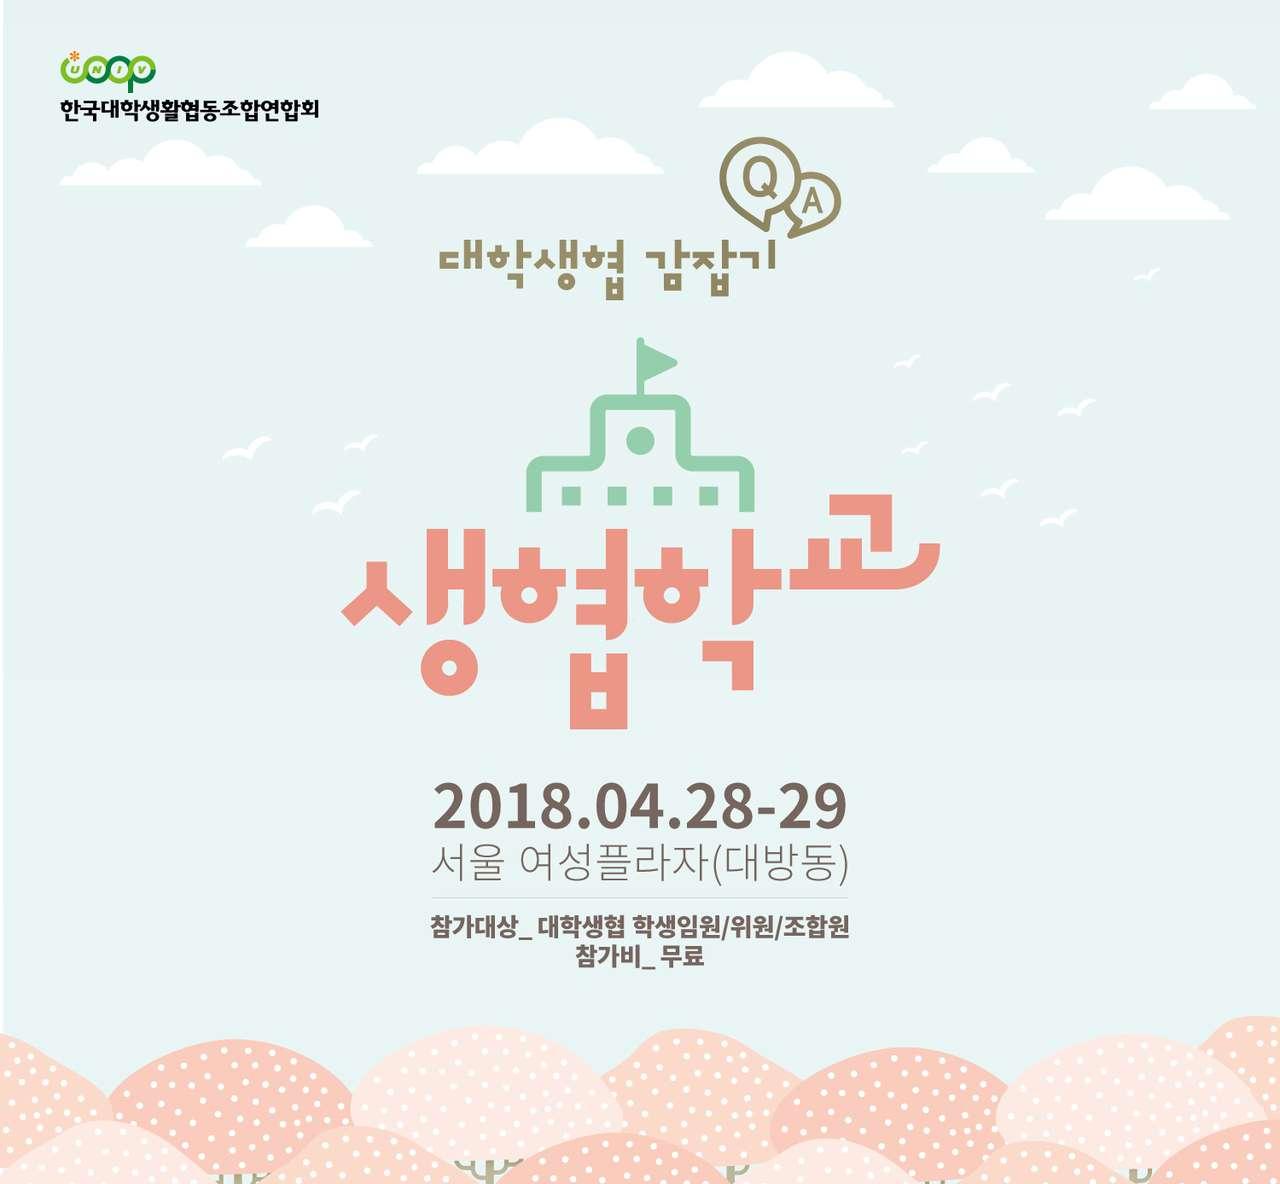 2018_05_쿠비가간다_생협학교편 (1)